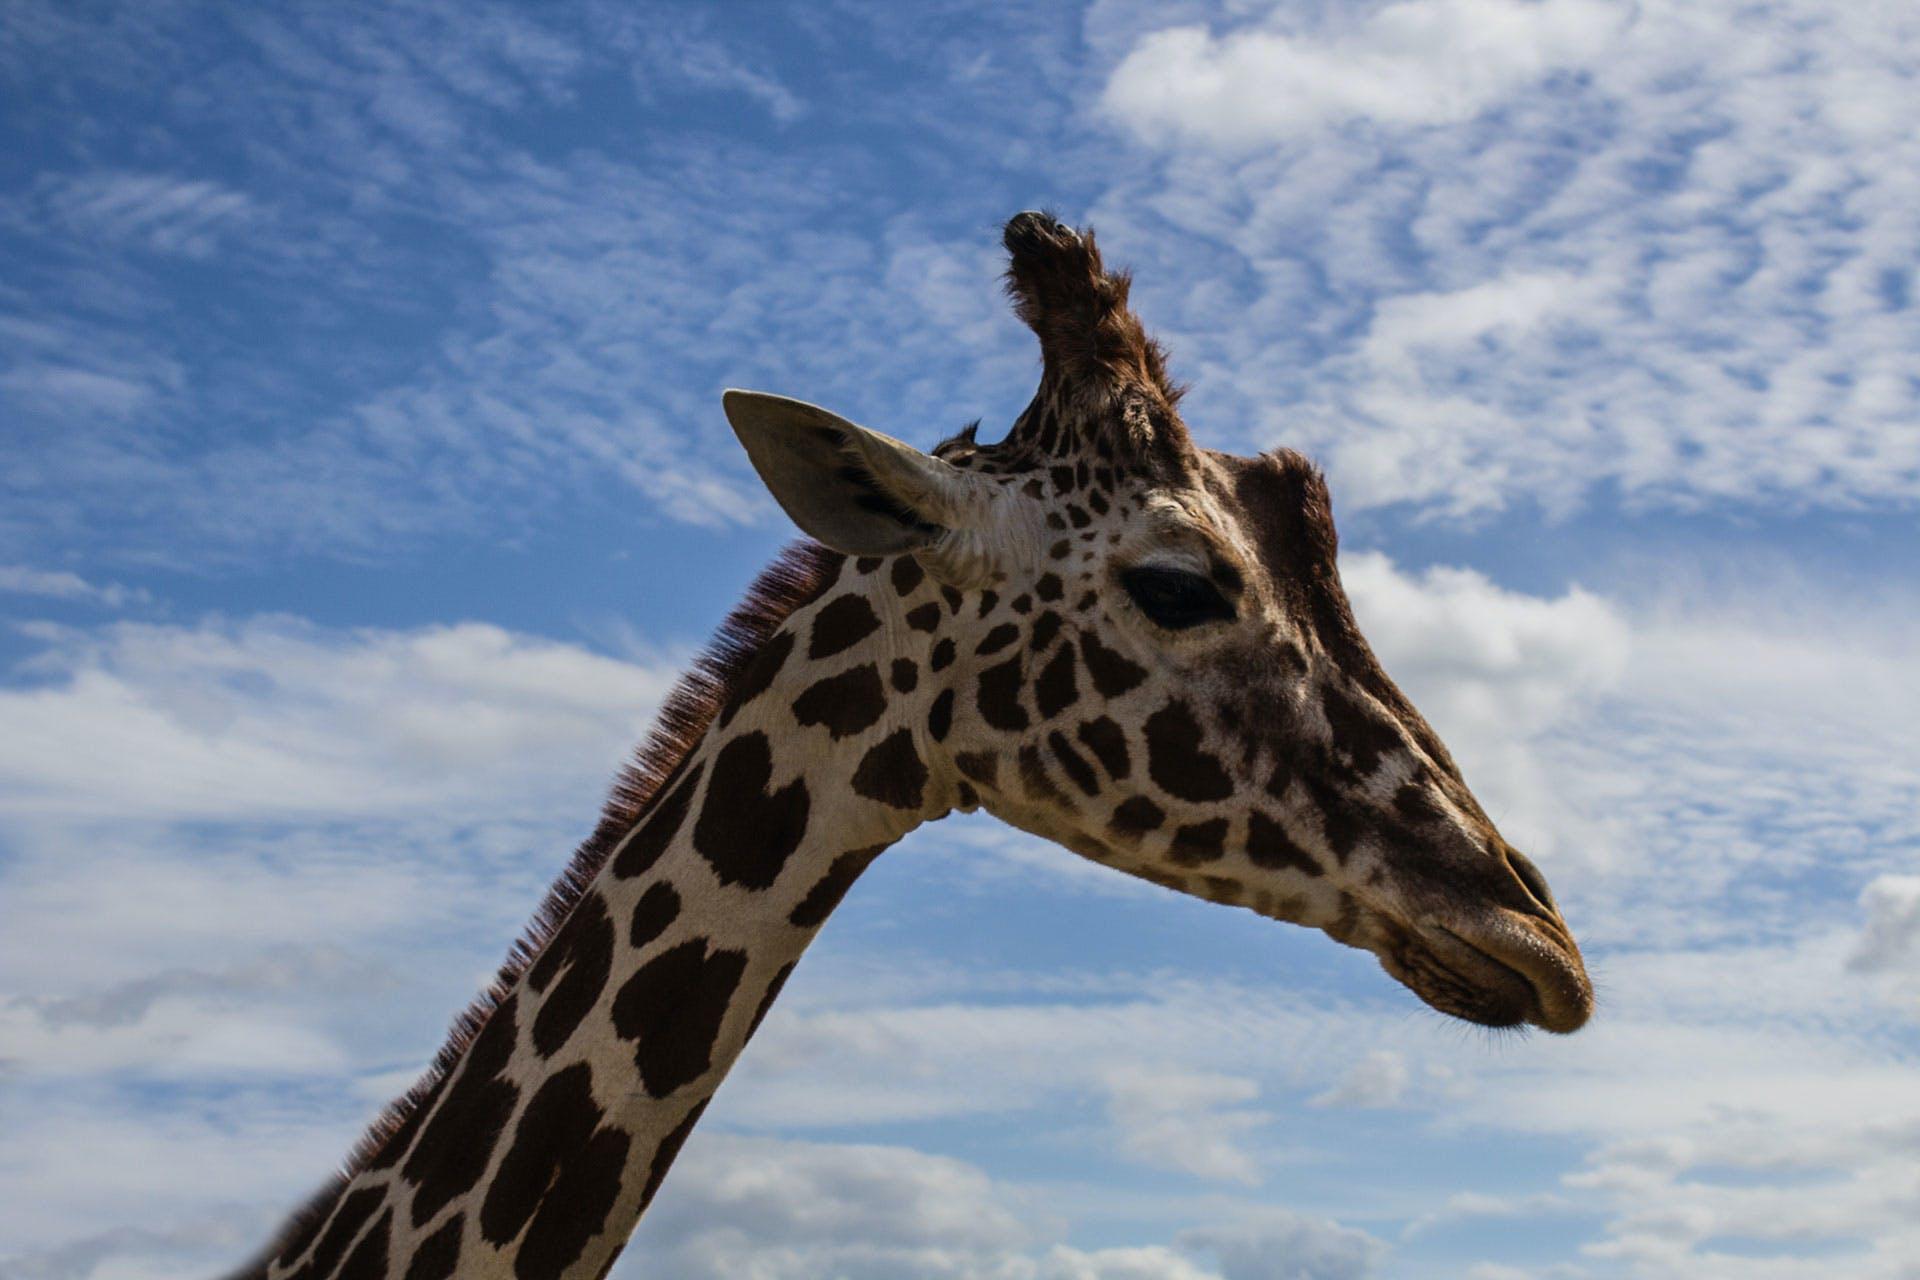 Giraffe Under White and Blue Sky